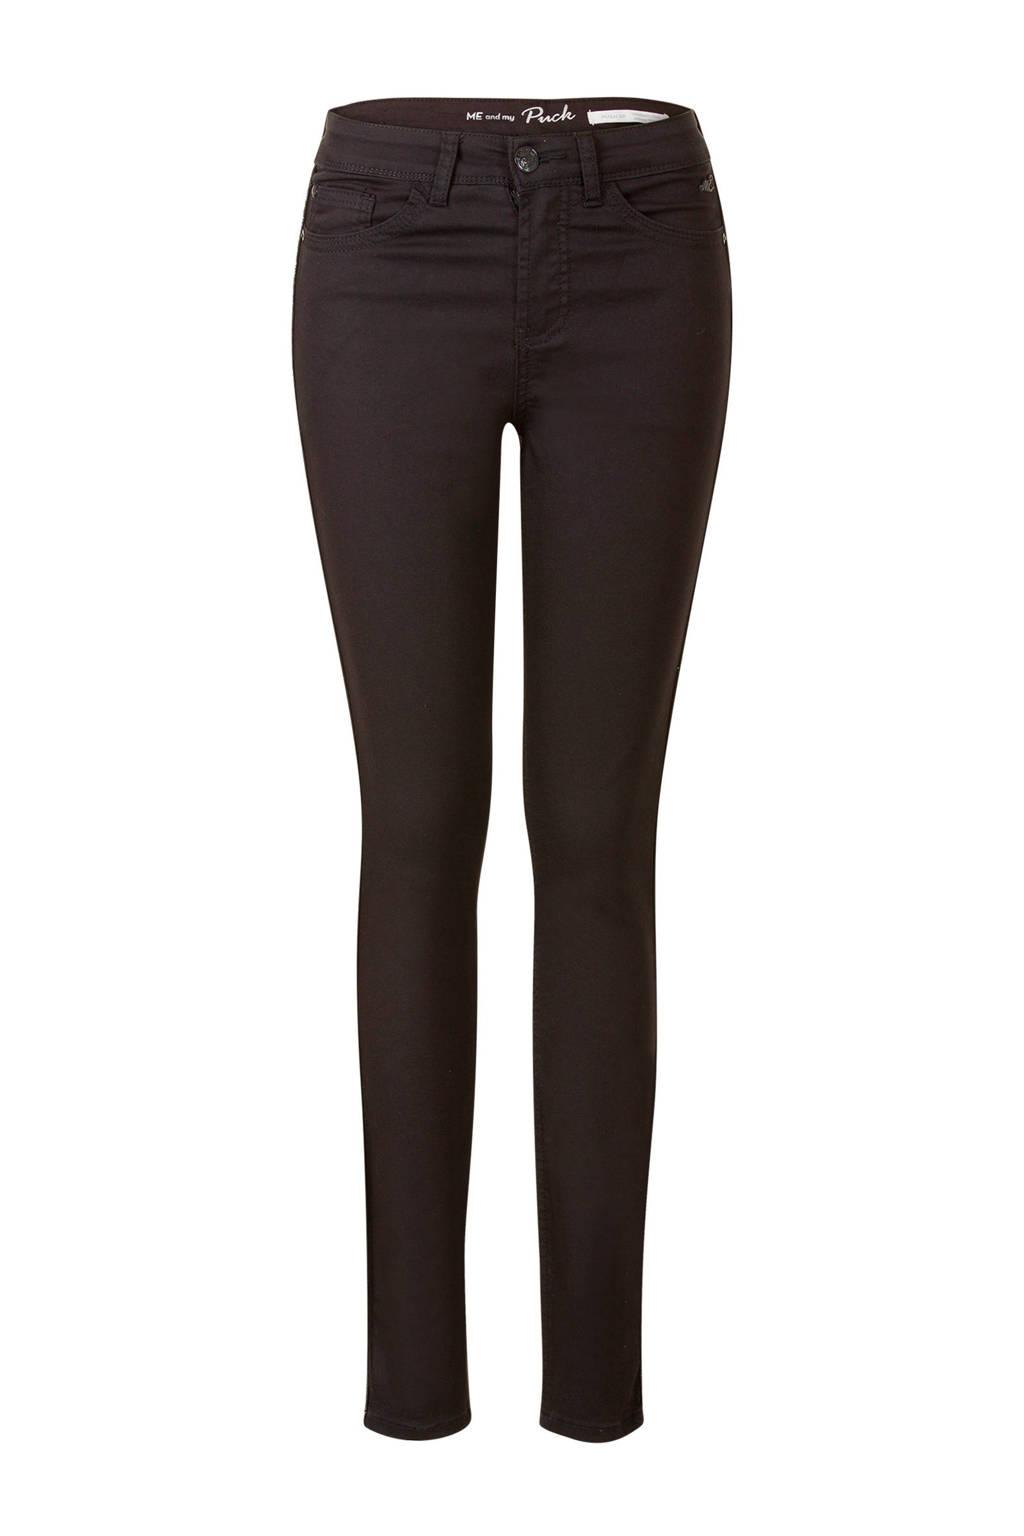 Miss Etam Lang broek met zijstreep, Zwart